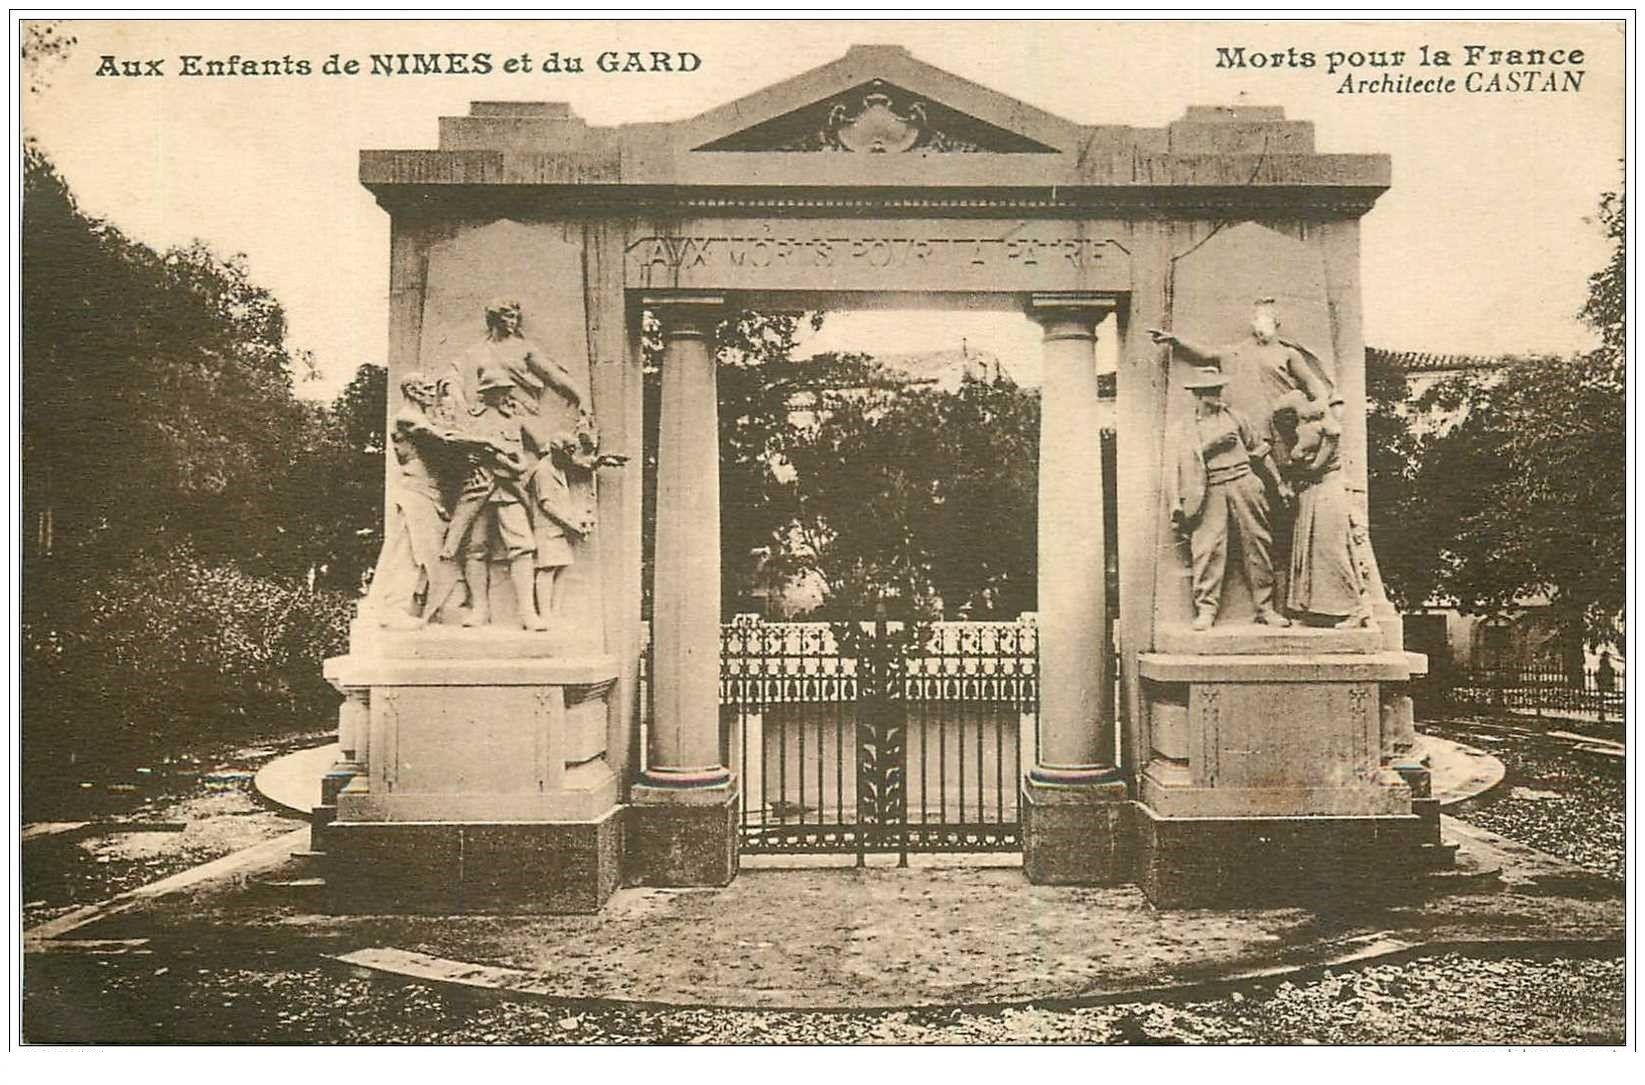 carte postale ancienne 30 NIMES. Aux Enfants du Gard morts pour la France. Castan